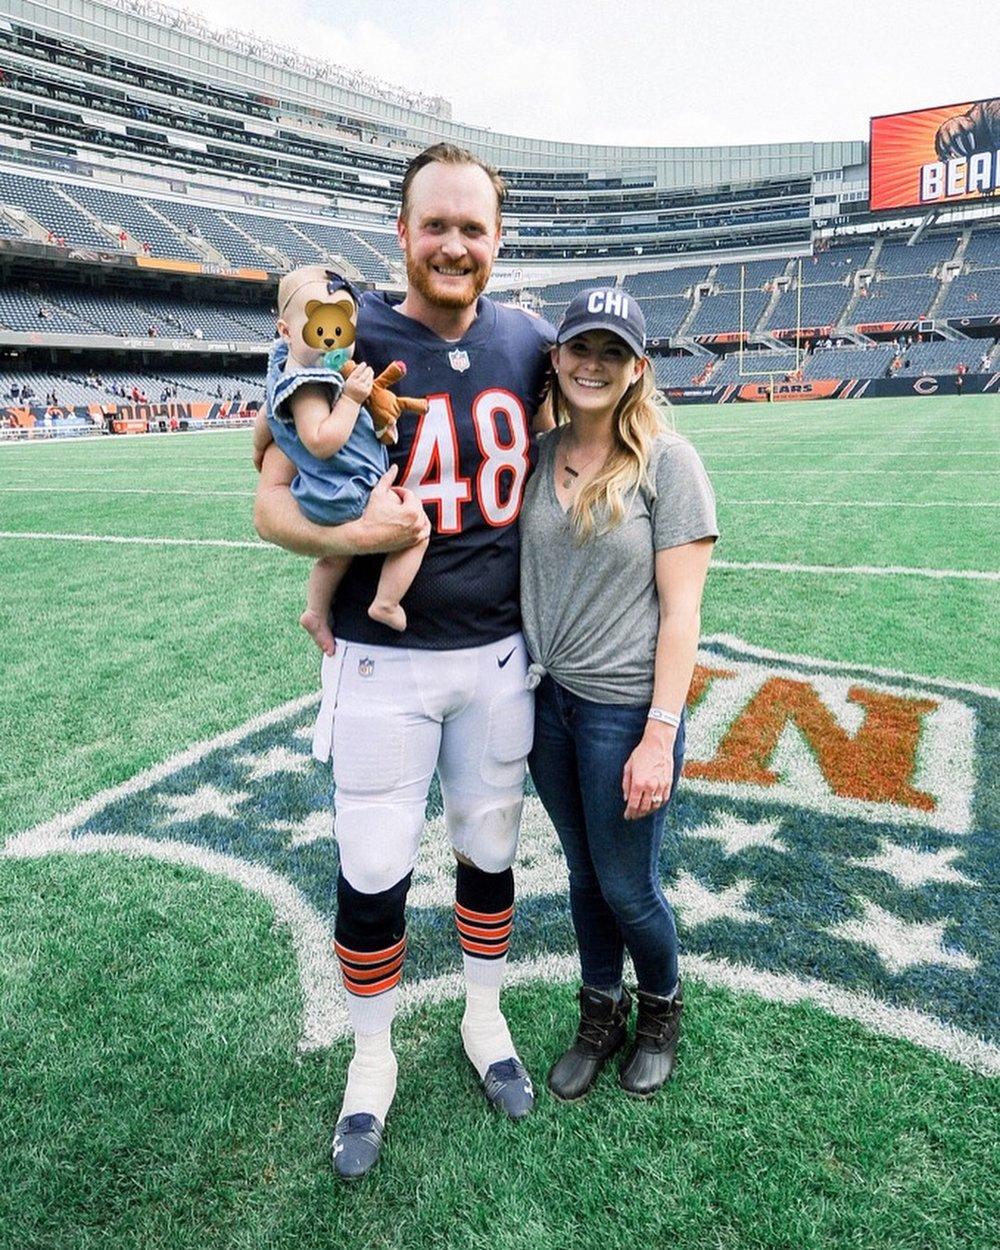 NFL Family